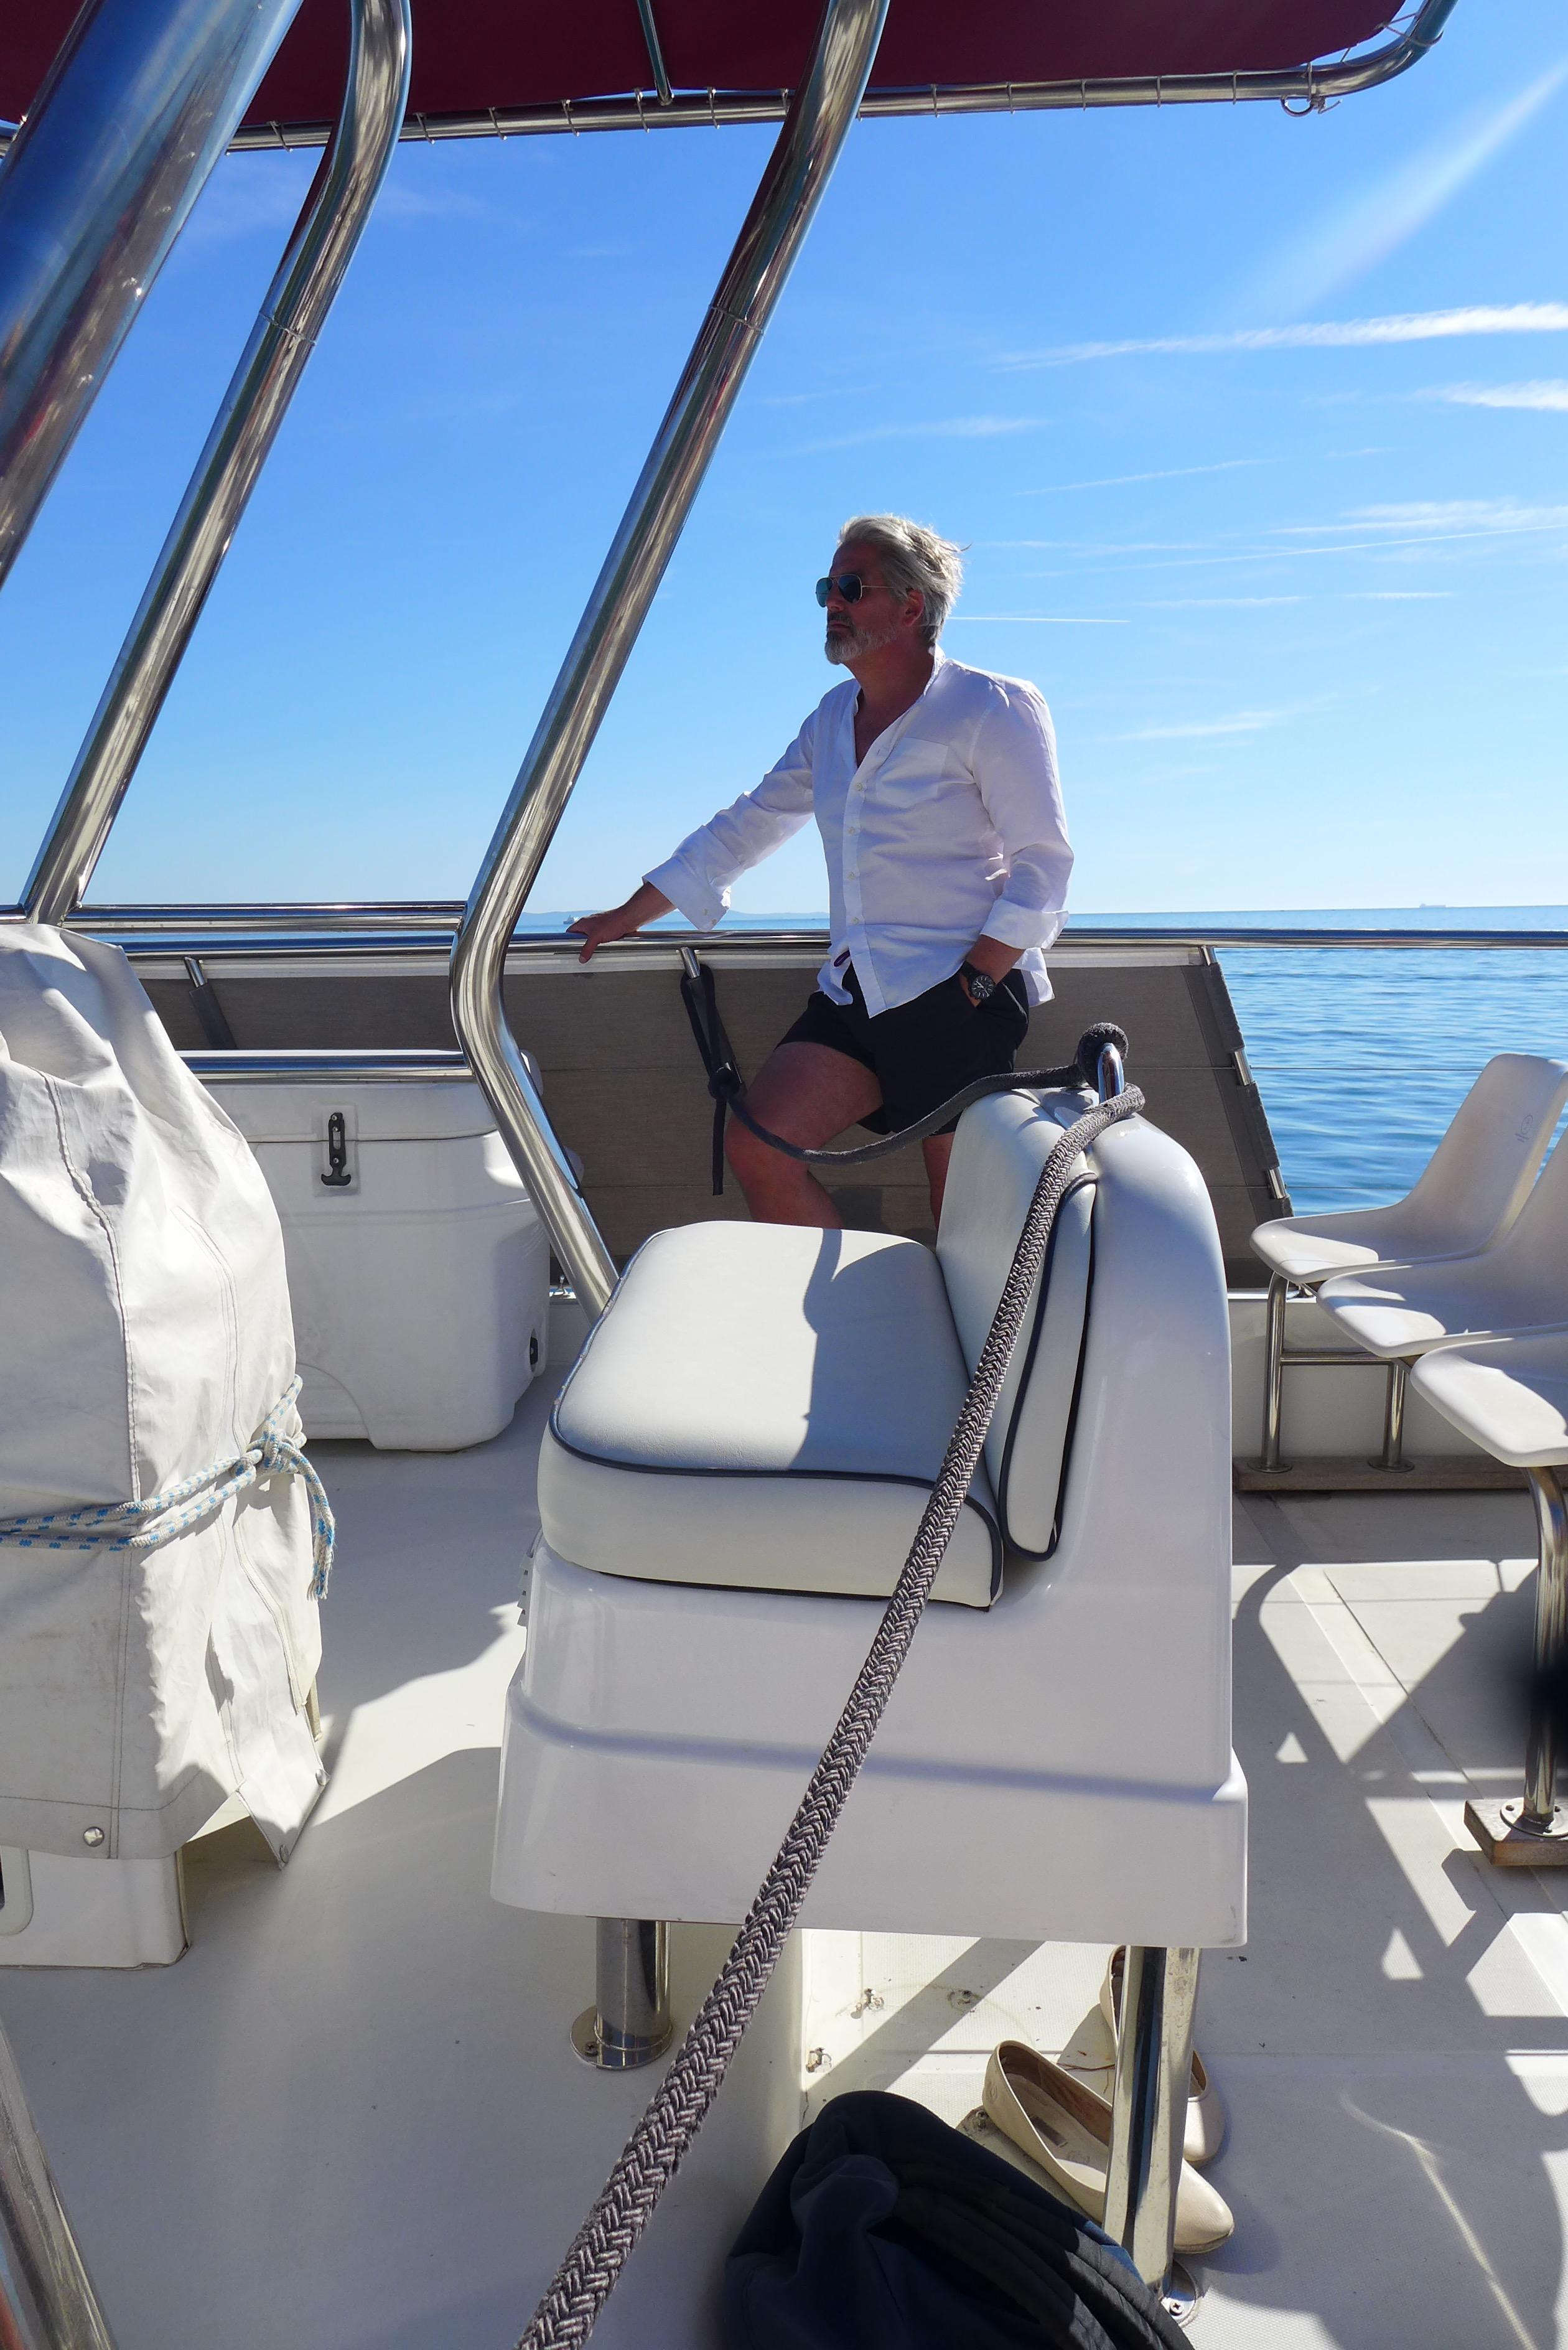 meine yacht...haha